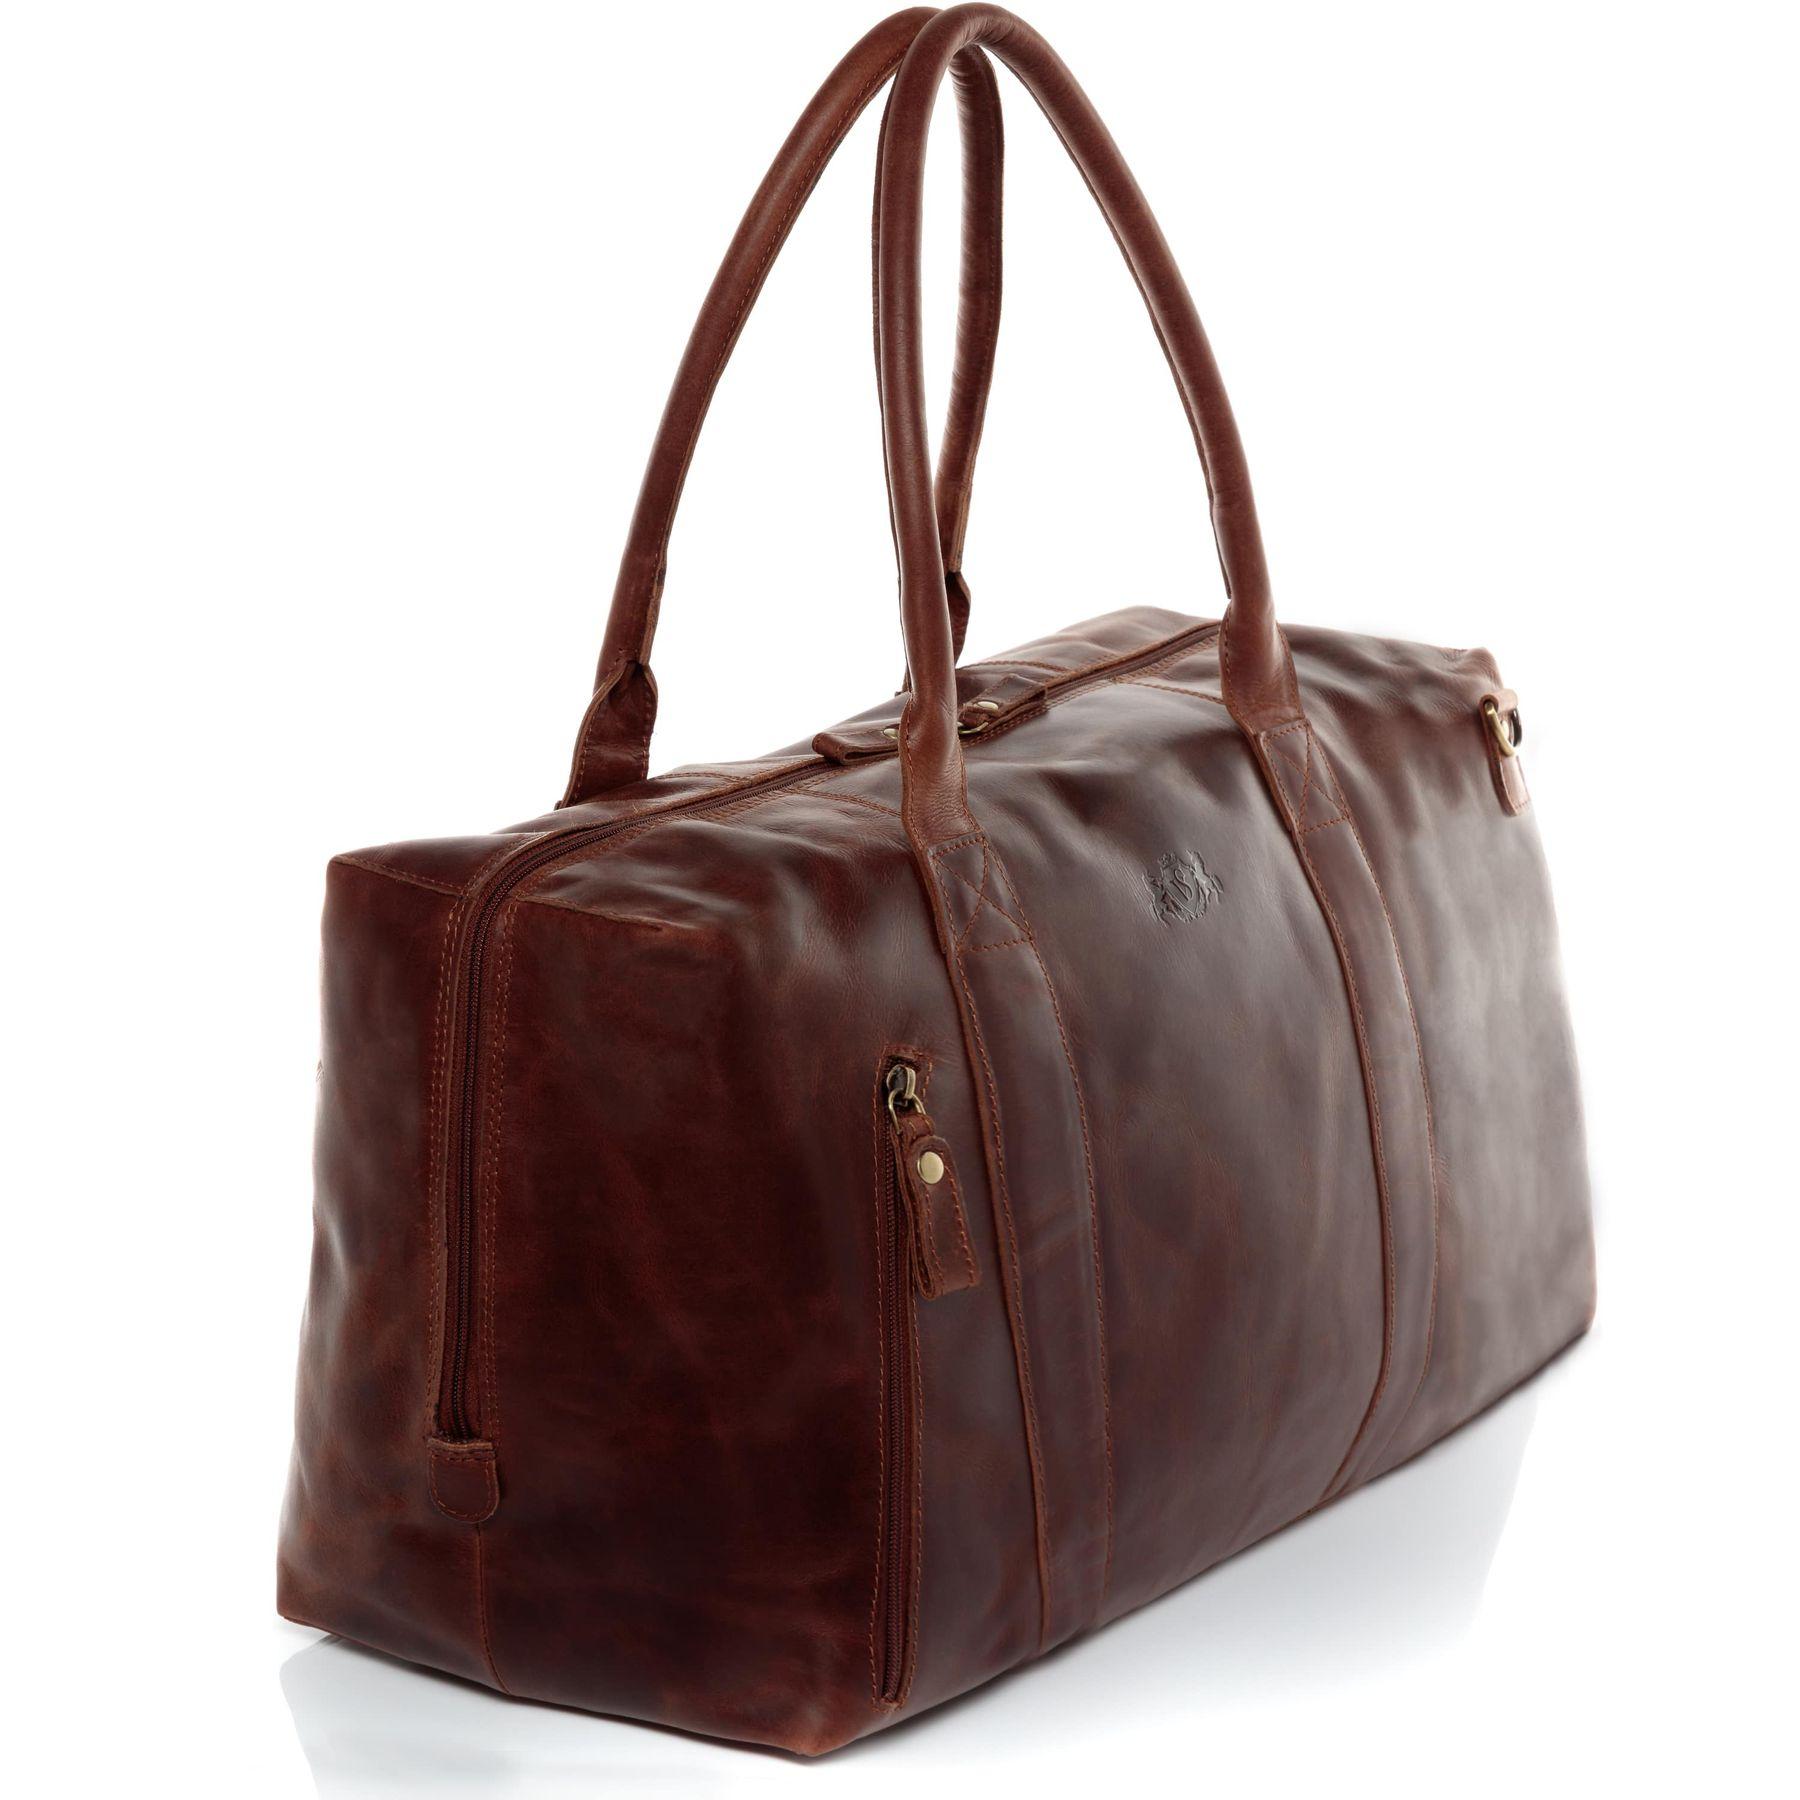 SID /& VAIN Sac de Voyage Cuir Yale Zip Grand 53 cm fourre-Tout Besace Week-End Sac Sport Bagages Cabine /à Main Marron